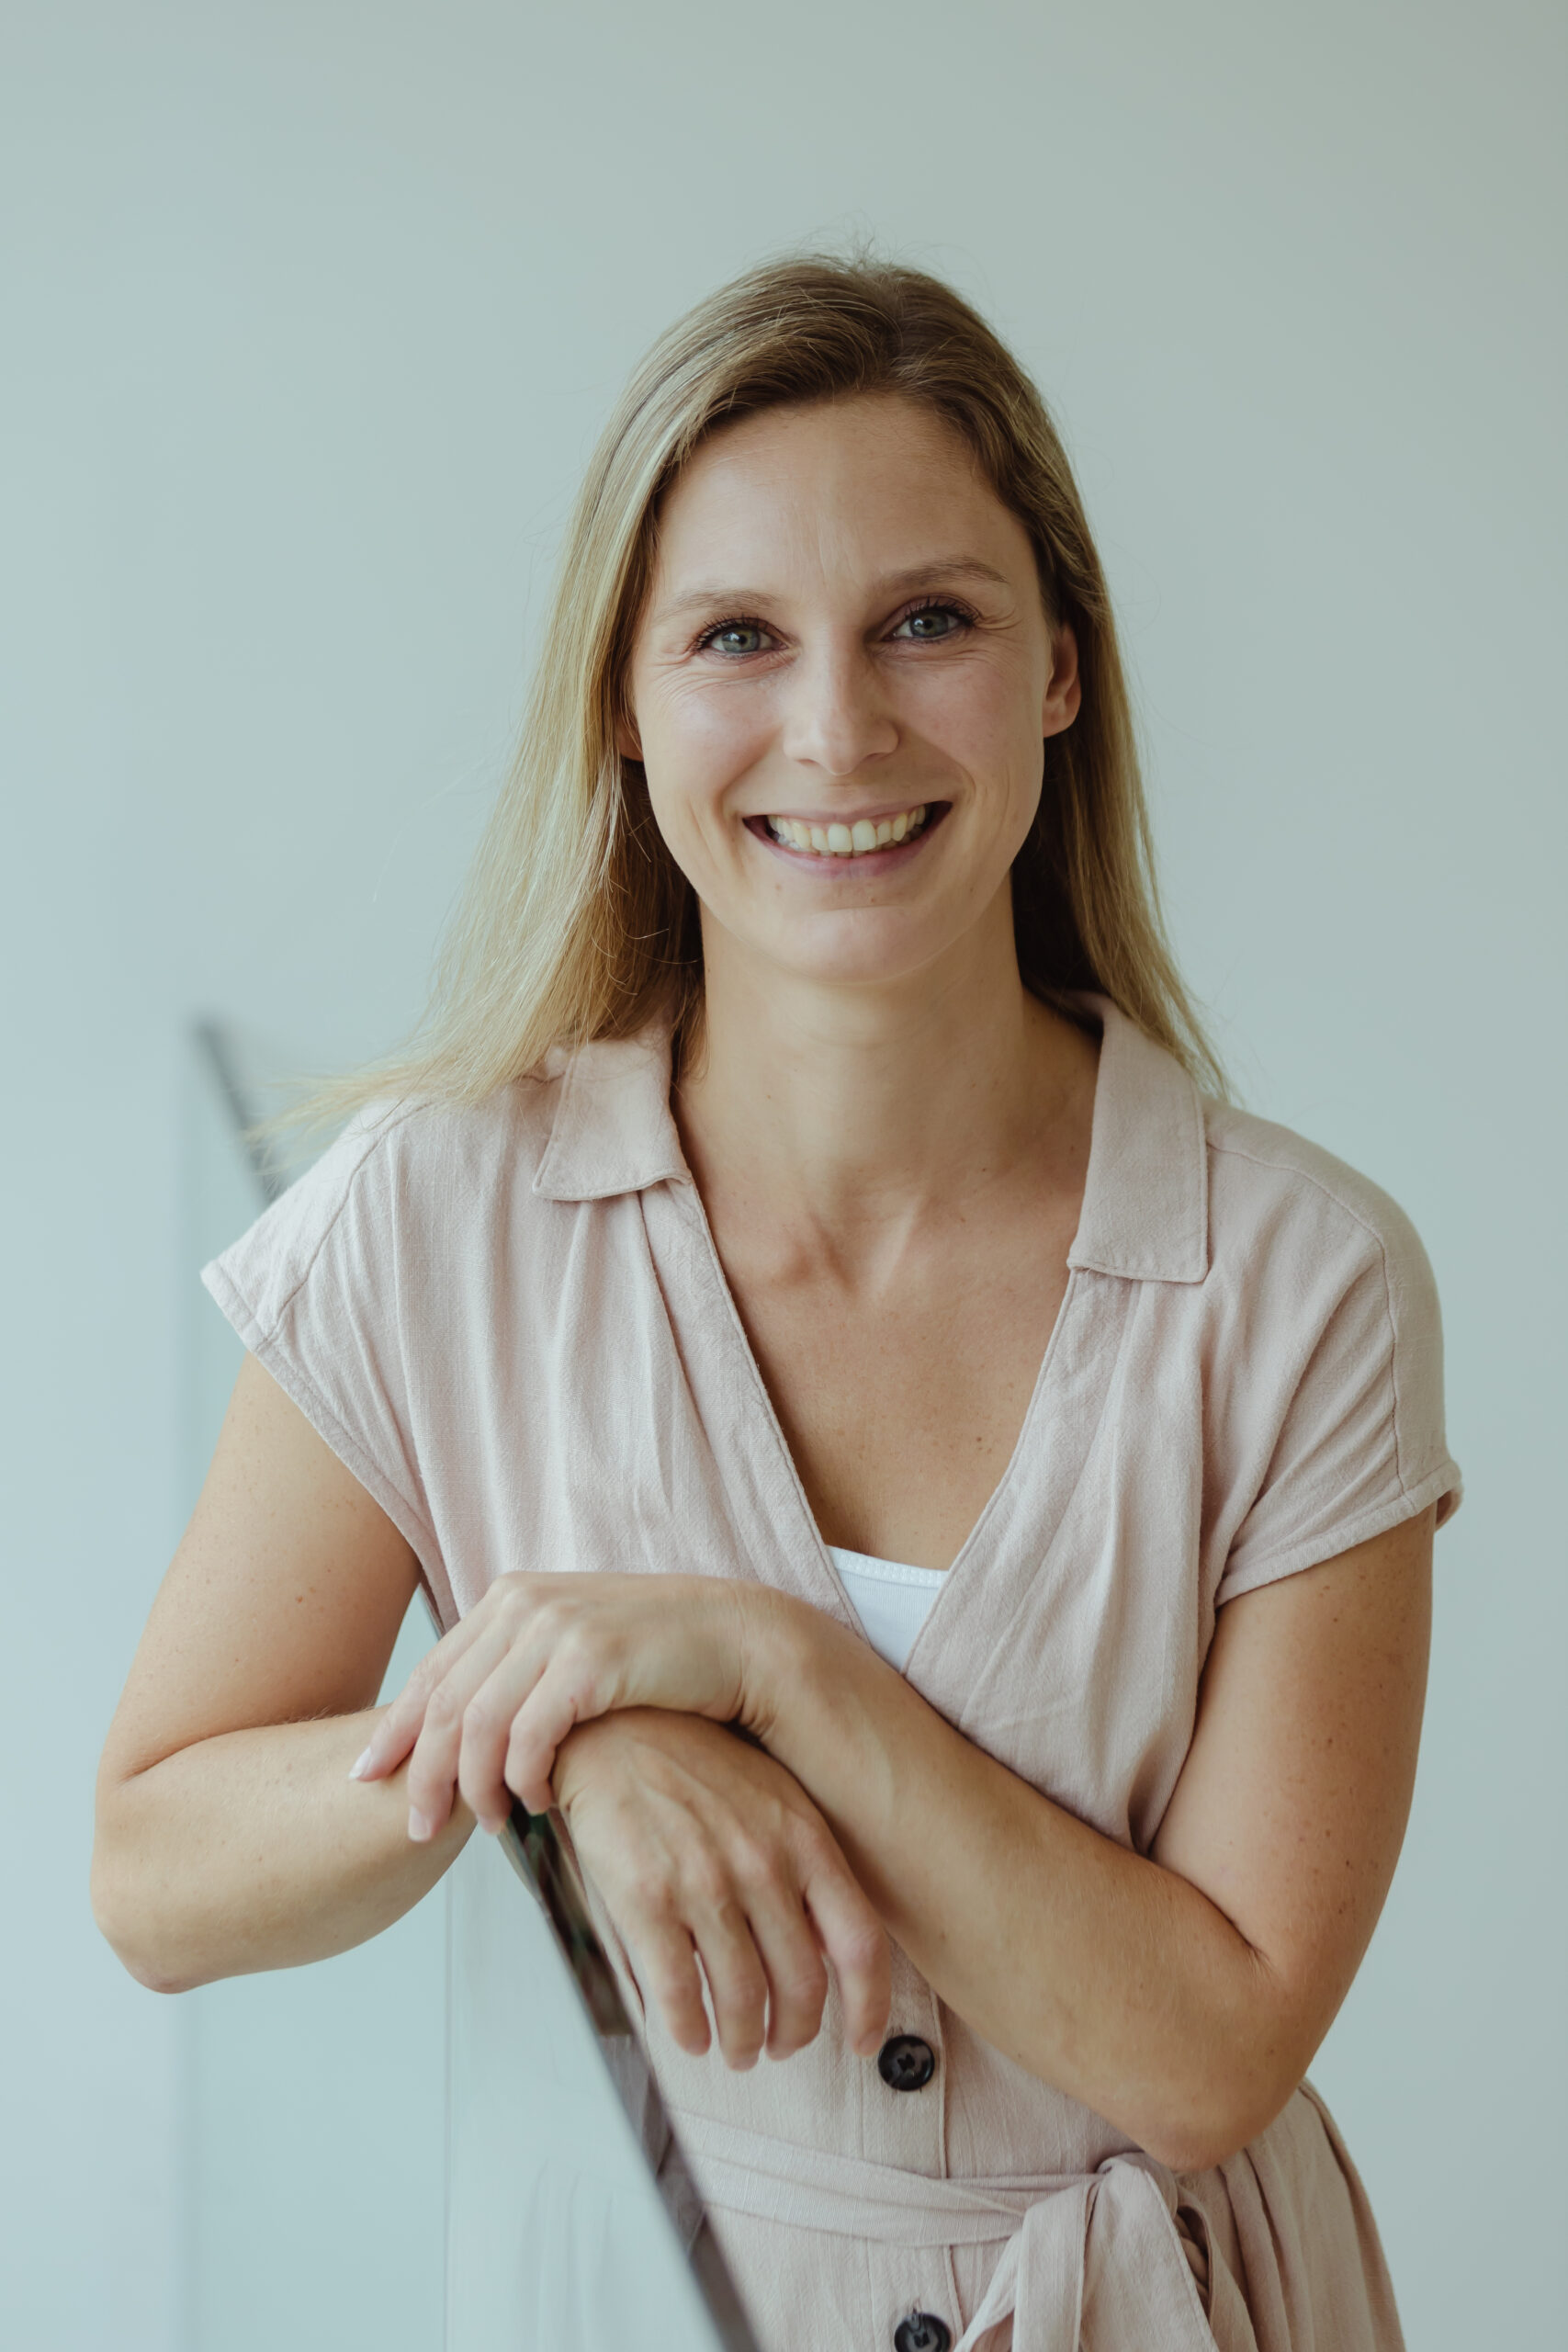 Praktijk aan de Dijle - Osteopathie, kinesitherapie en baby-spa